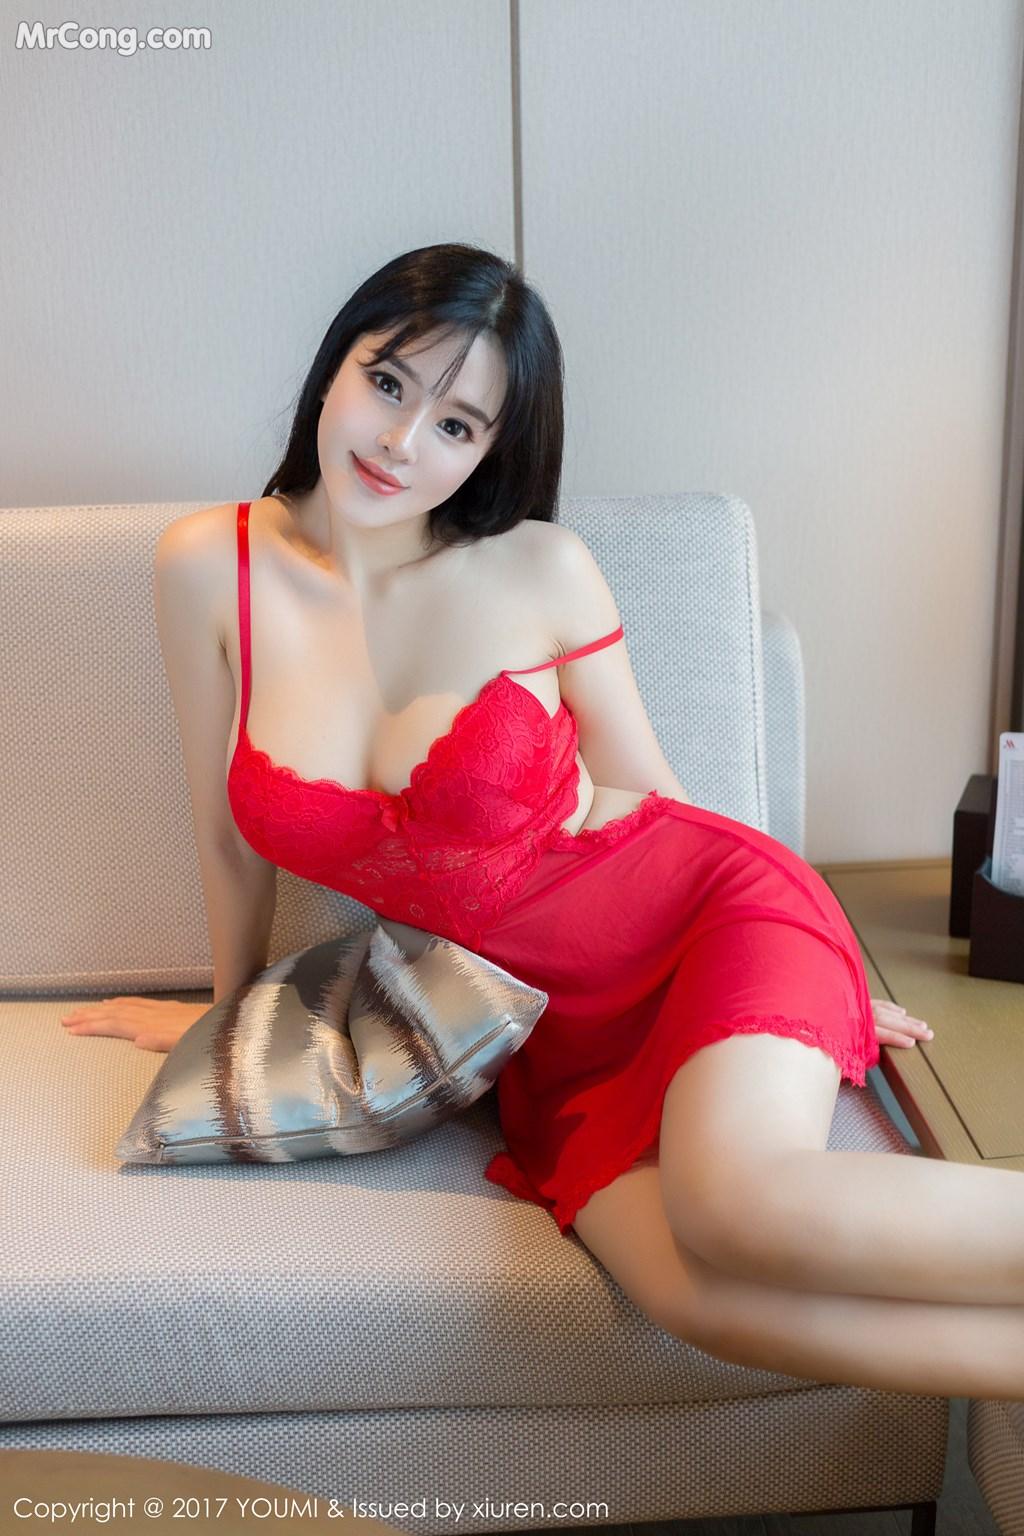 Image YouMi-Vol.064-Liu-Yu-Er-MrCong.com-003 in post YouMi Vol.064: Người mẫu Liu Yu Er (刘钰儿) (46 ảnh)